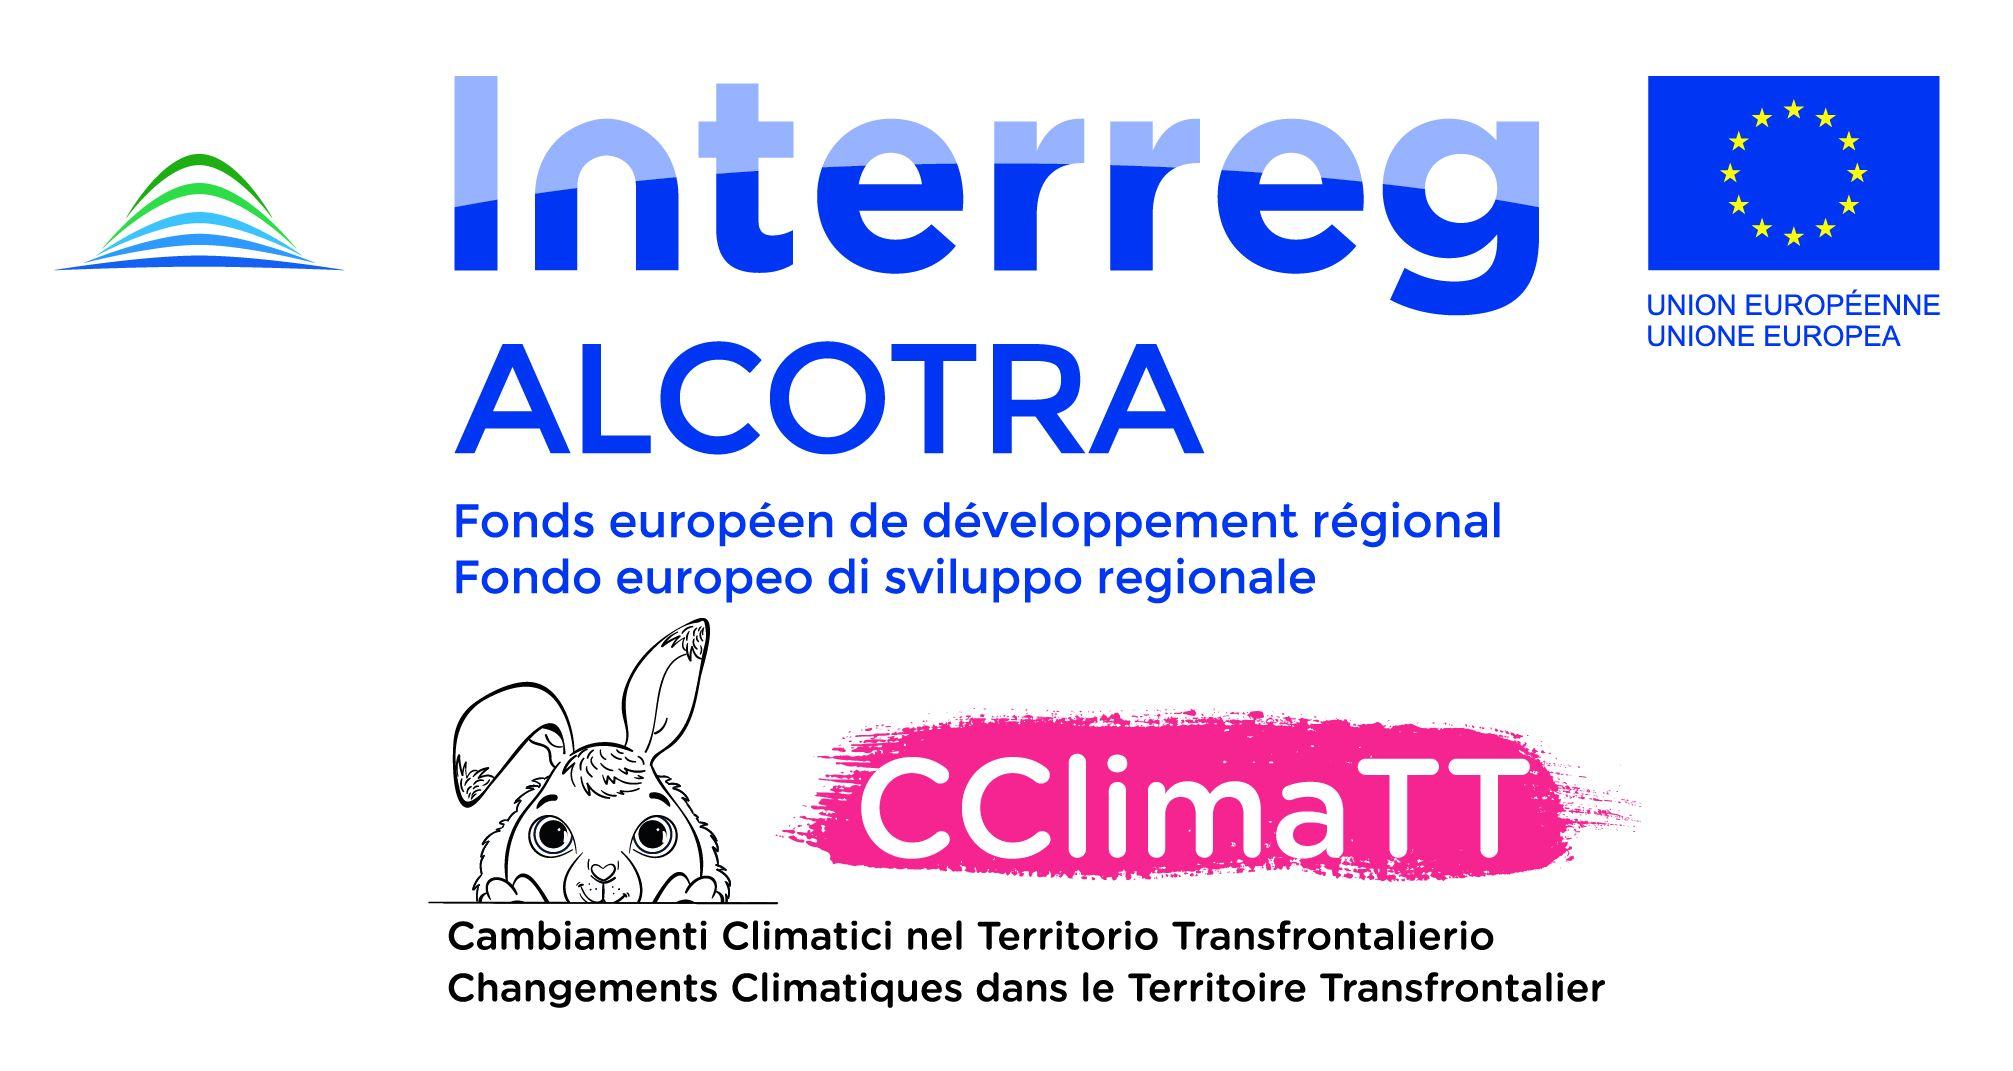 Programme Interreg ALCOTRA CclimaTT